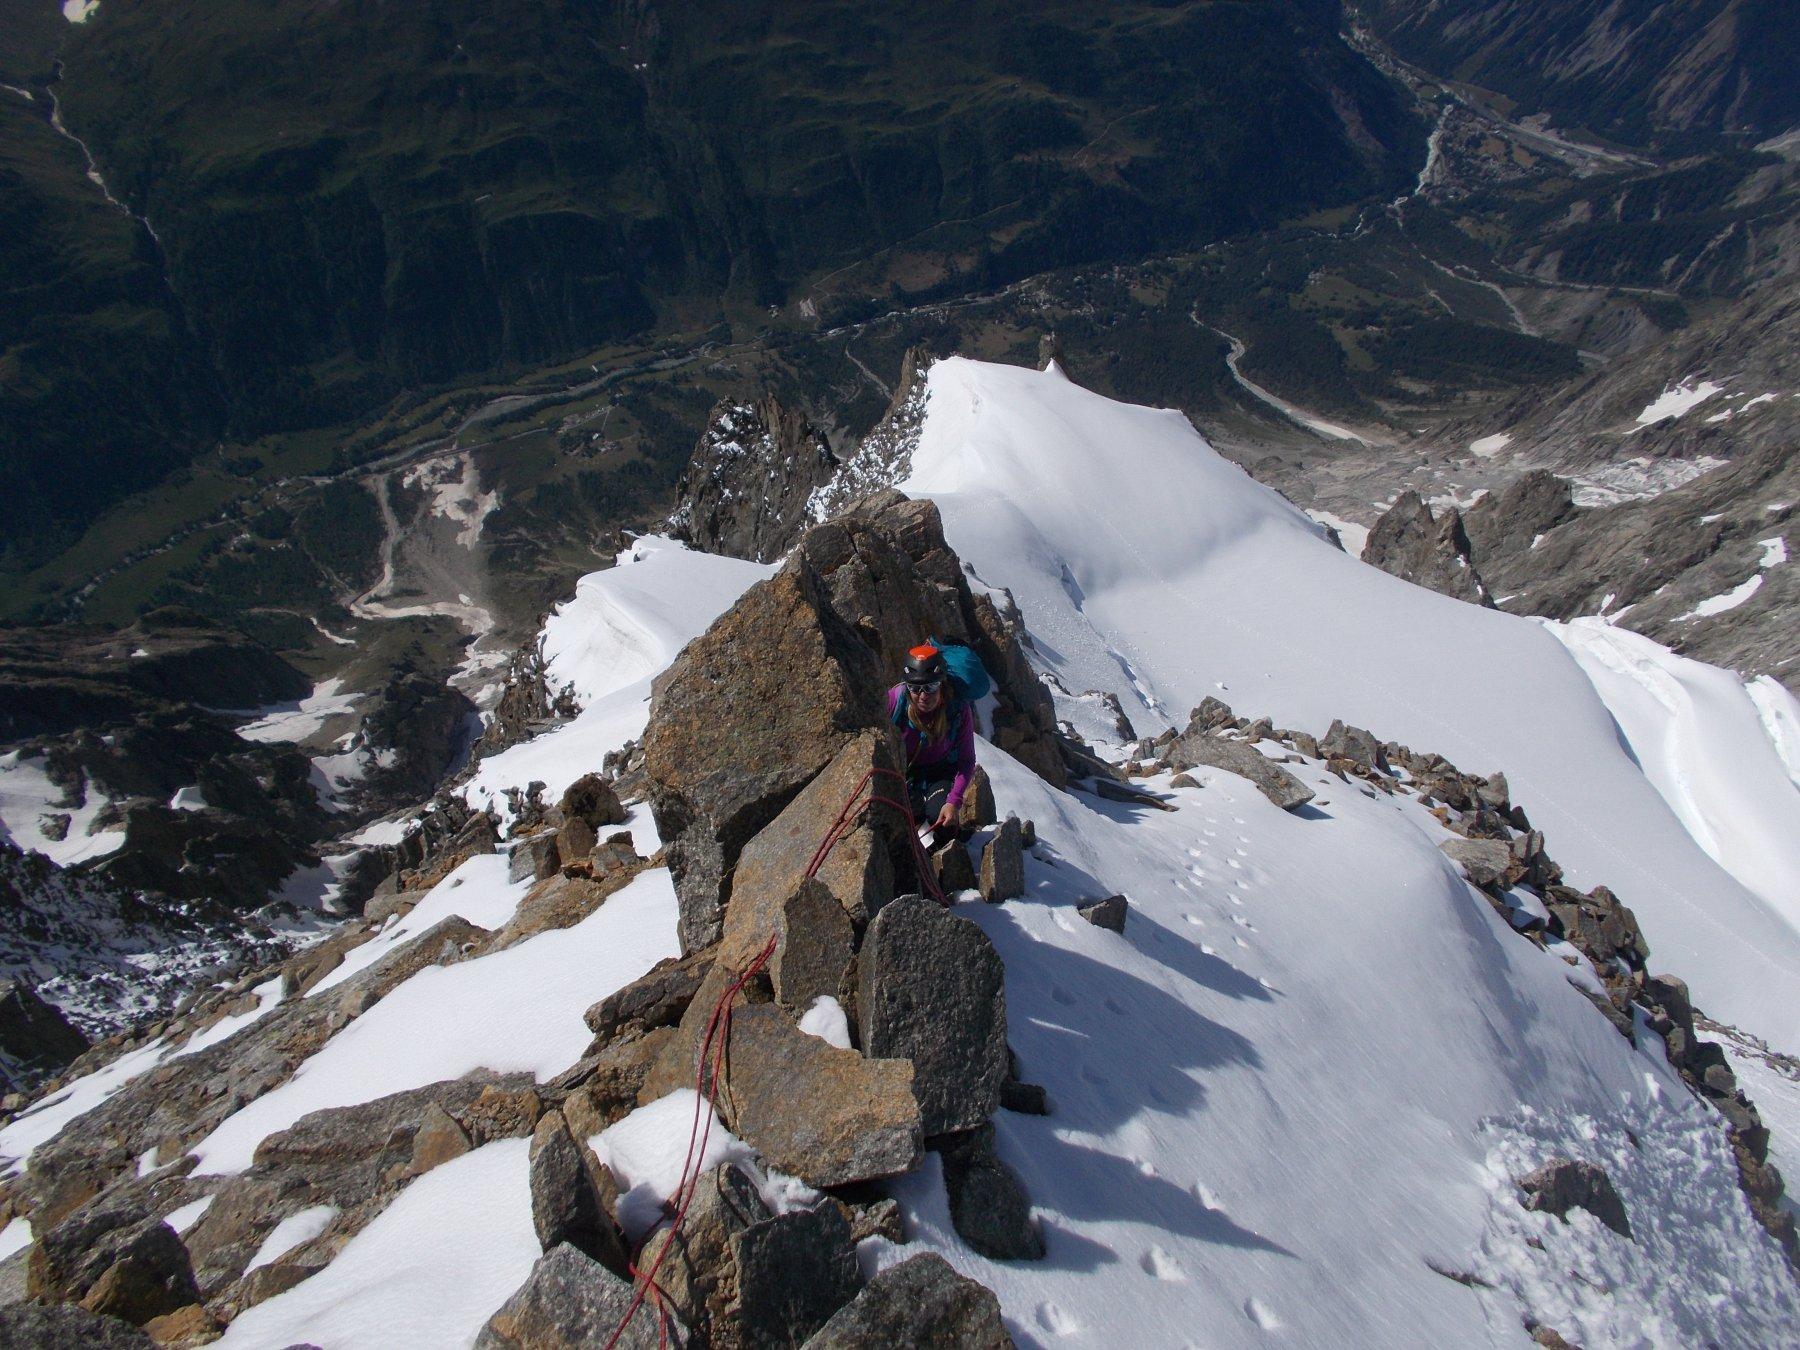 sulla panoramica e aerea cresta finale di misto..con la neve che un po' tiene un po' no..